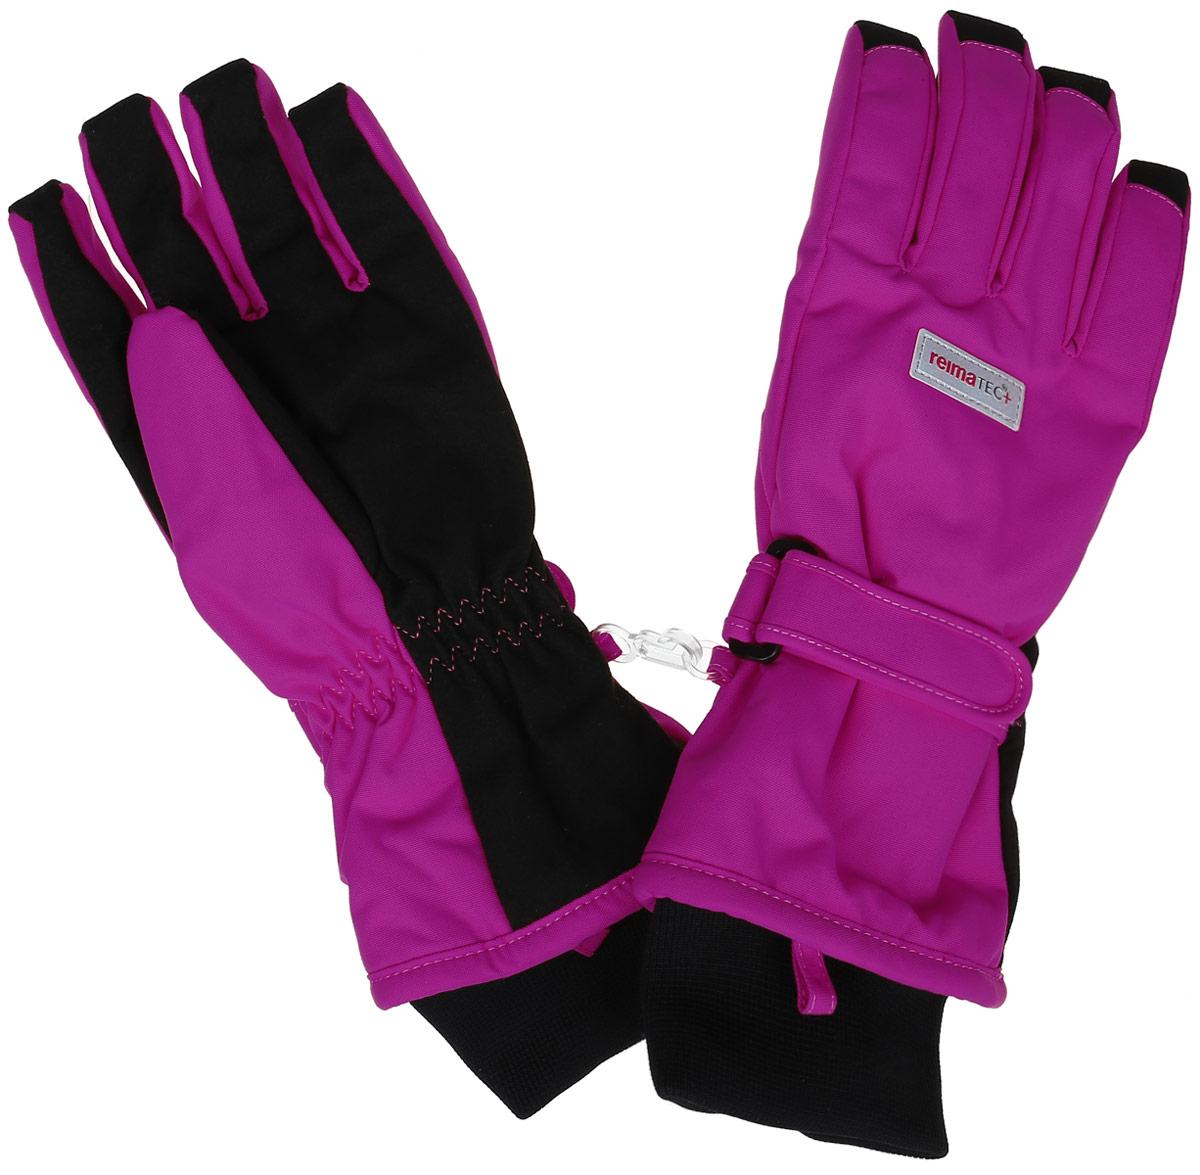 Перчатки детские Reima Reimatec+ Tartu, цвет: розовый. 527251-4620. Размер 3527251-4620Детские перчатки Reima Reimatec+ Tartu станут идеальным вариантом для холодной зимней погоды. На подкладке используется высококачественный полиэстер, который хорошо удерживает тепло.Для большего удобства на запястьях перчатки дополнены хлястиками на липучках с внешней стороны, а на ладошках, кончиках пальцев и с внутренней стороны большого пальца - усиленными водонепроницаемивставками Hipora. Теплая флисовая подкладка дарит коже ощущение комфорта и уюта. С внешней стороны перчатки оформлены светоотражающими нашивками с логотипом бренда. Высокая степень утепления. Перчатки станут идеальным вариантом для прохладной погоды, в них ребенку будет тепло и комфортно. Водонепроницаемость: Waterpillar over 10 000 mm